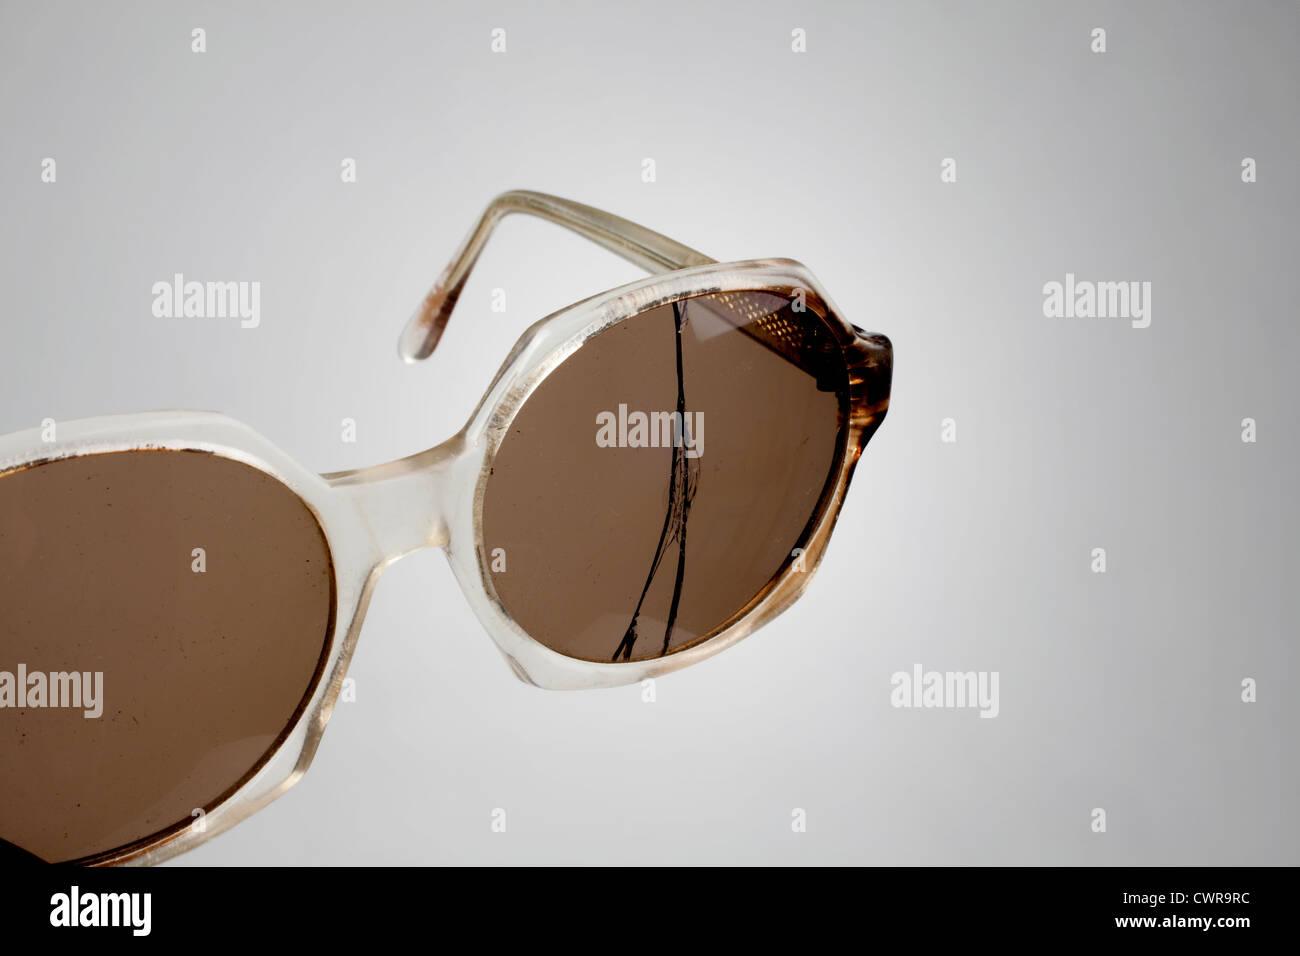 Eine alte Hornbrille mit einer gebrochenen Linse Stockbild